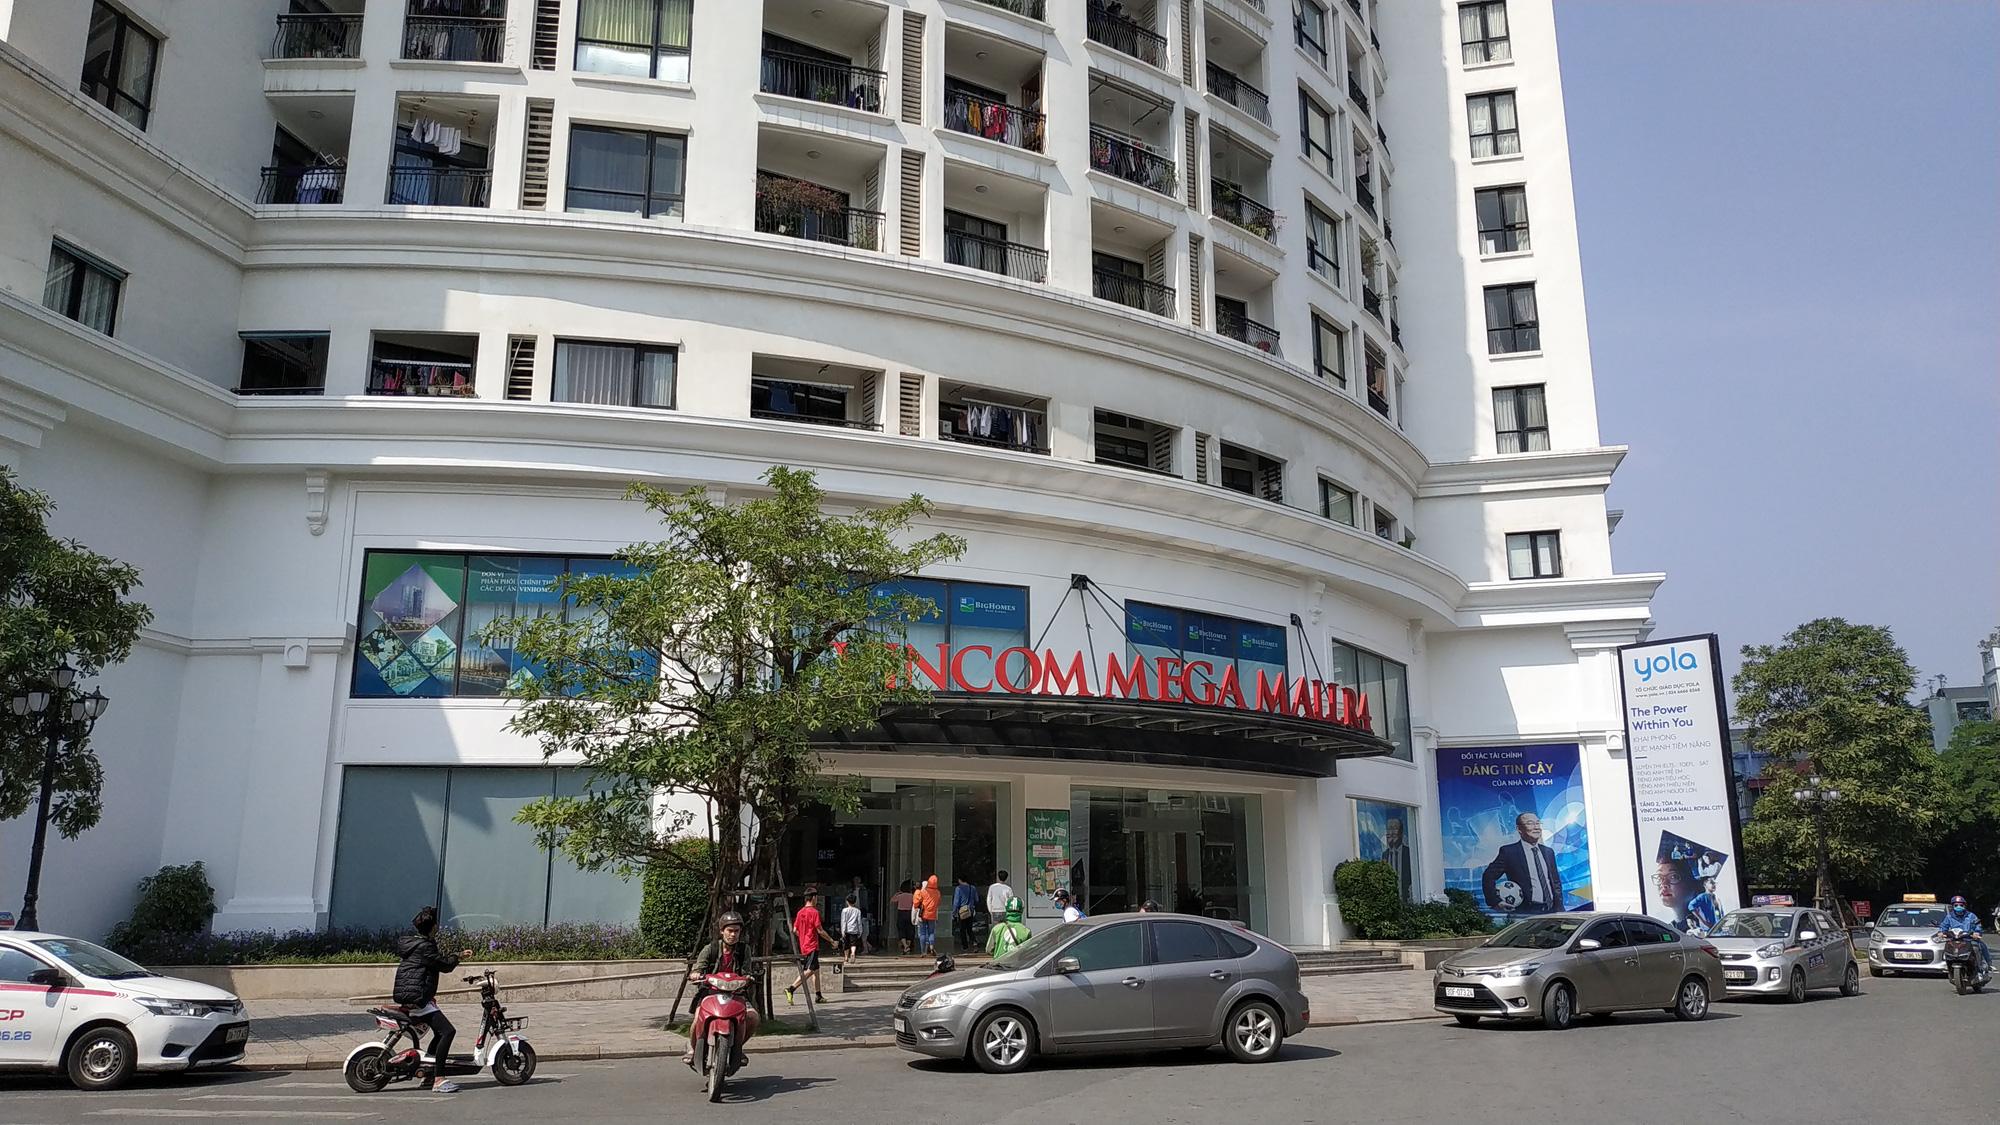 Vinhomes mua xong 60 triệu cổ phiếu quĩ, Vincom Retail còn gần 11,5 triệu cổ phiếu để hoàn tất